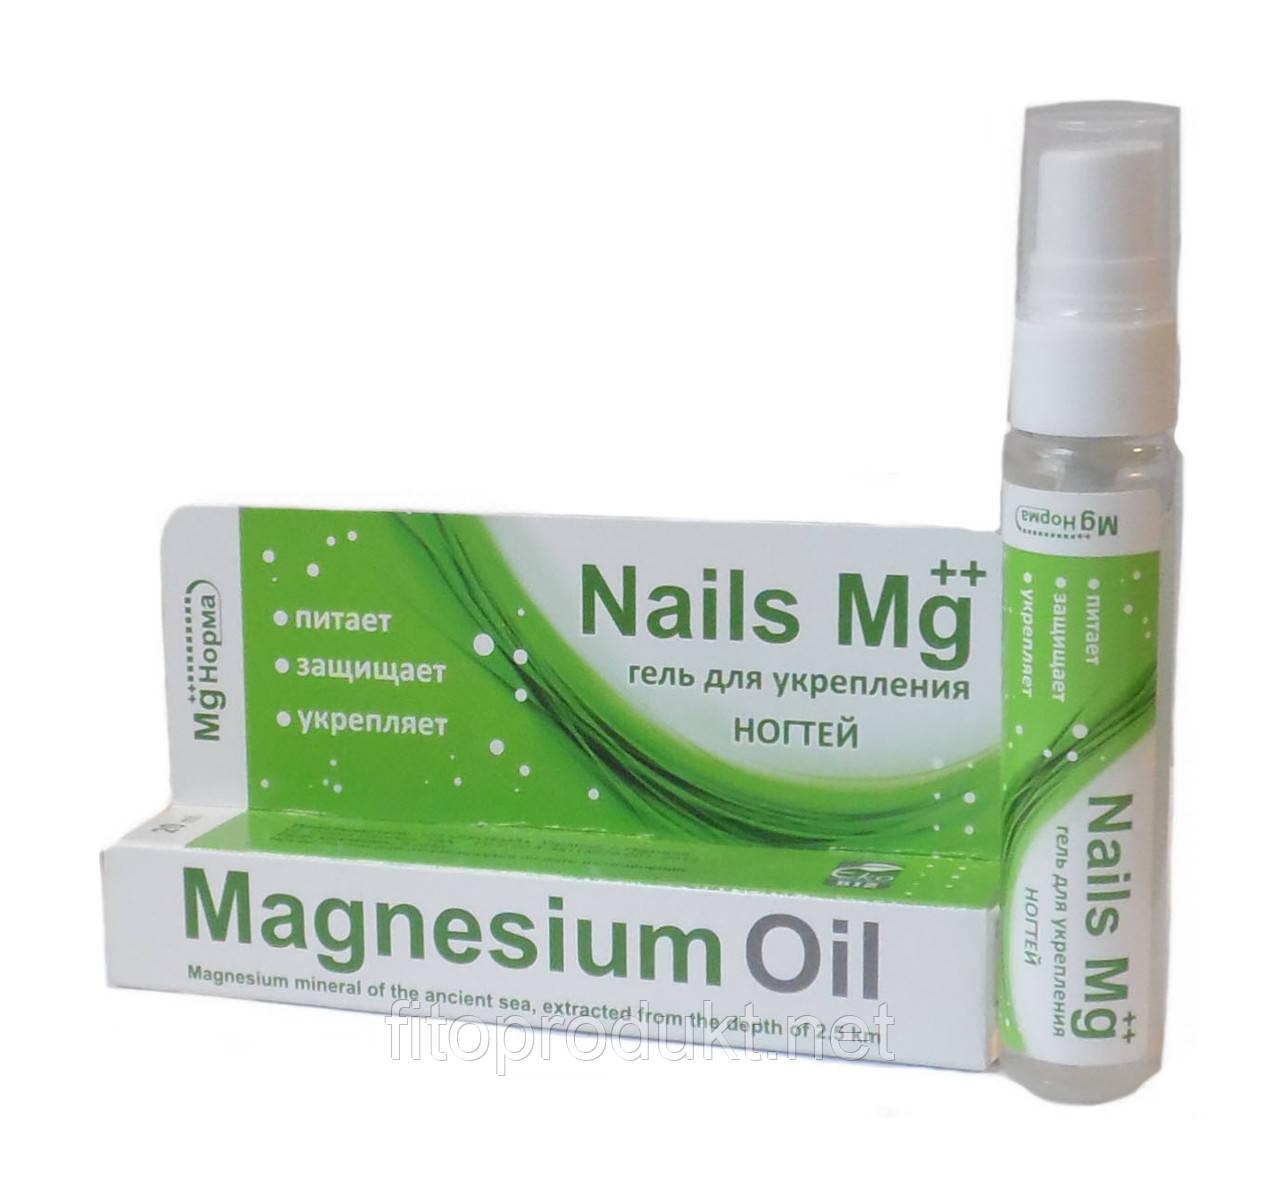 Гель для укрепления ногтей «Nails Mg++», 20 мл